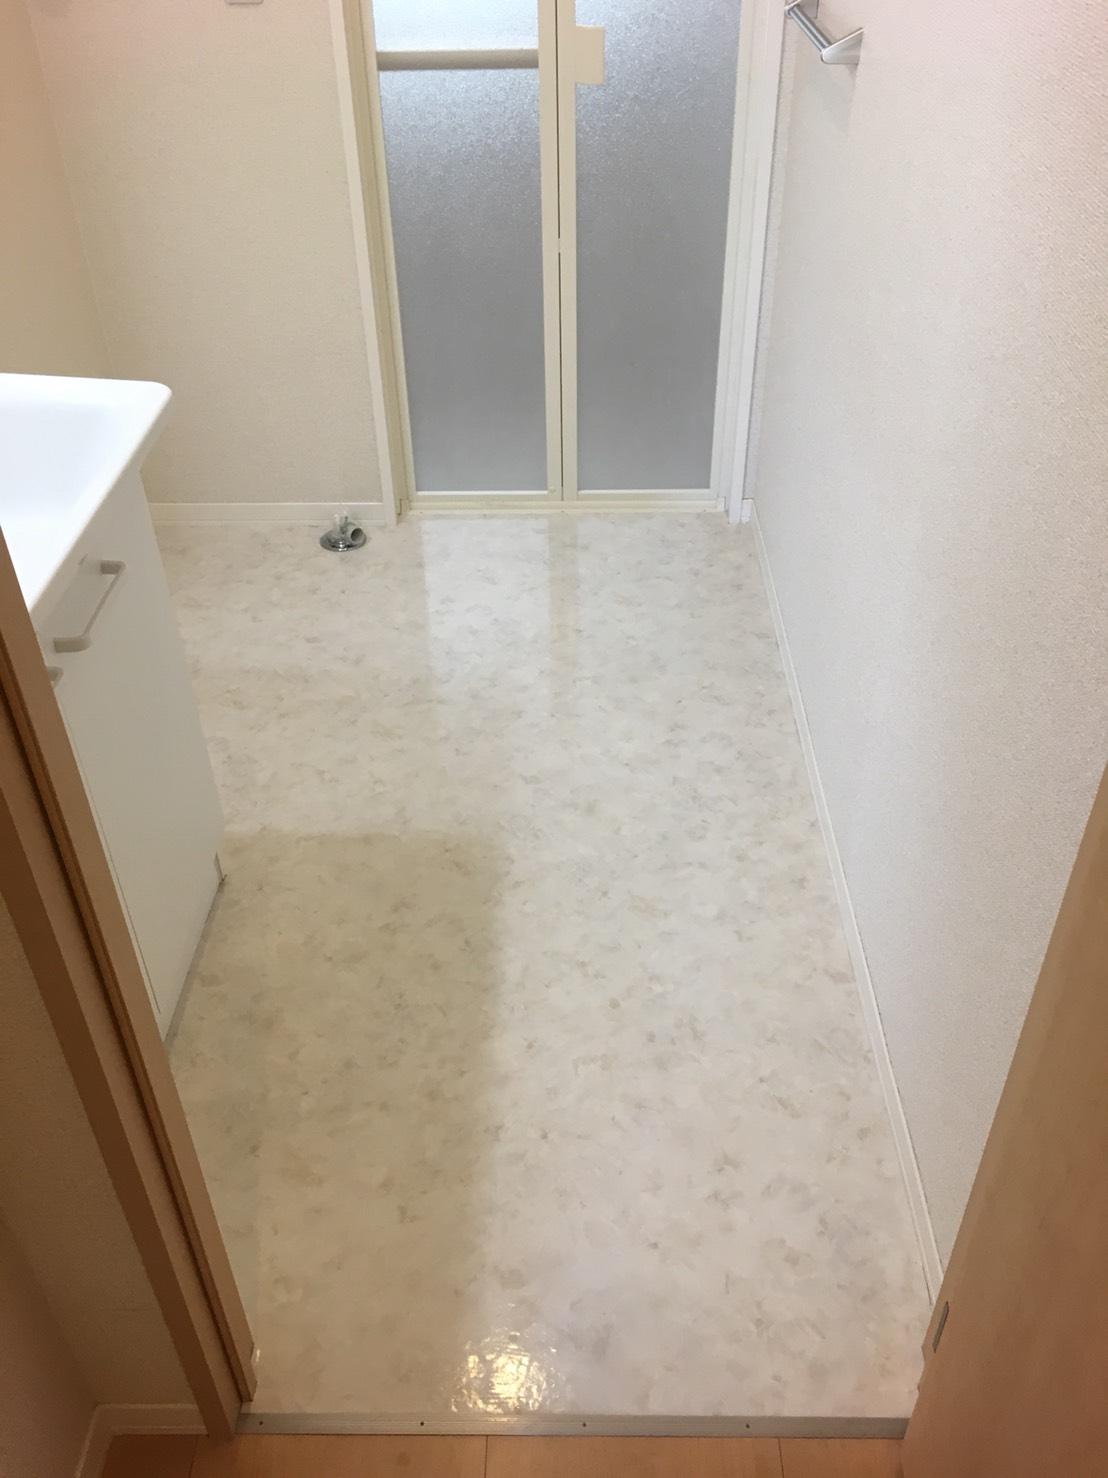 オシャレと人気が高い白いフローリング・脱衣所をキレイに!伊丹市・宝塚市・川西市の地域より、お客様のご要望に応じた清掃箇所、汚れの状況を確認いたします。どんなことでも、お気軽にご相談下さい。